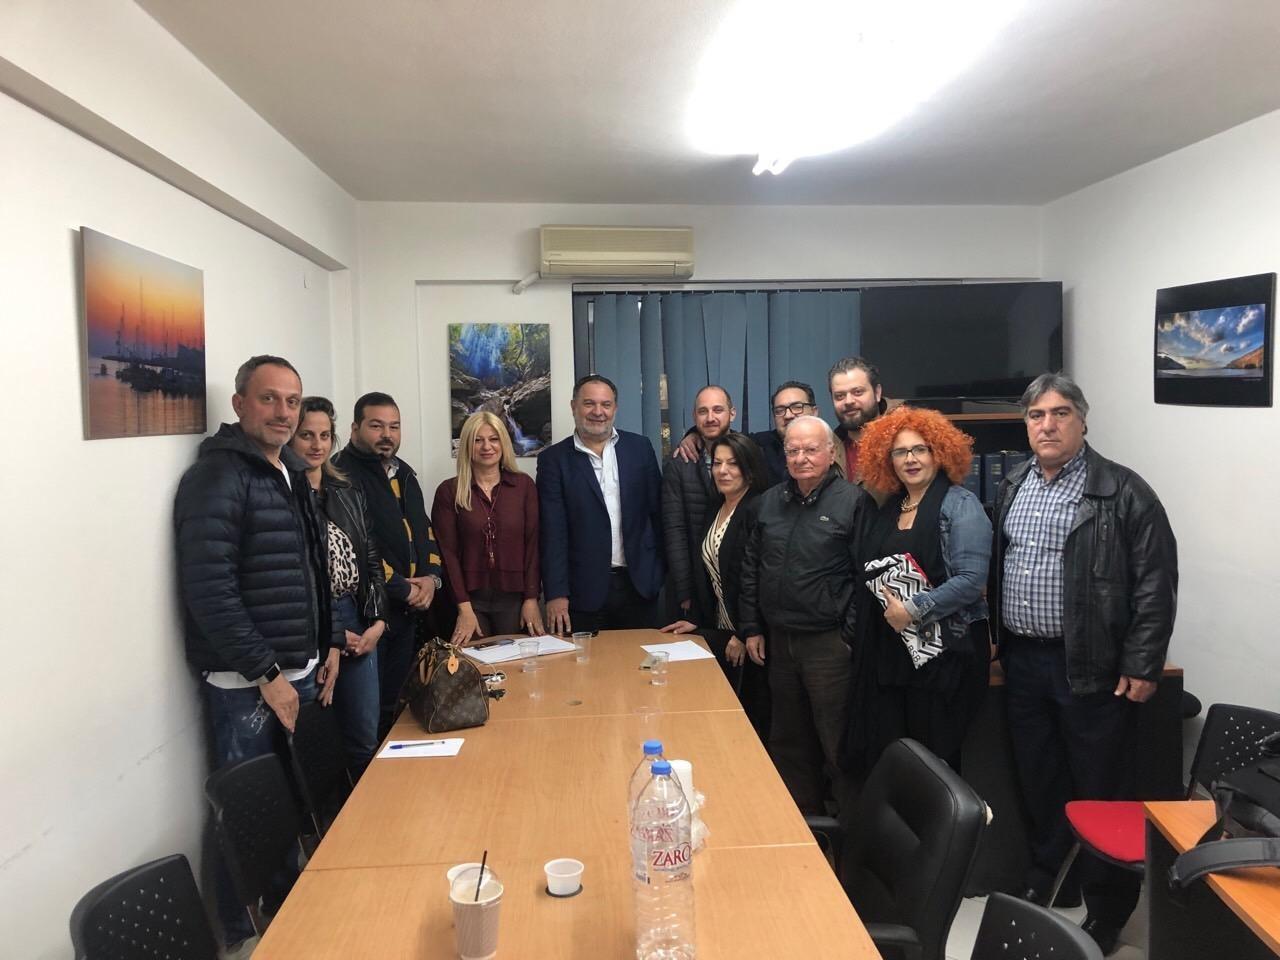 Οι επαγγελματίες επισιτισμού του Νομού Ηρακλείου συναντήθηκαν με τον Γιάννη Κουράκη